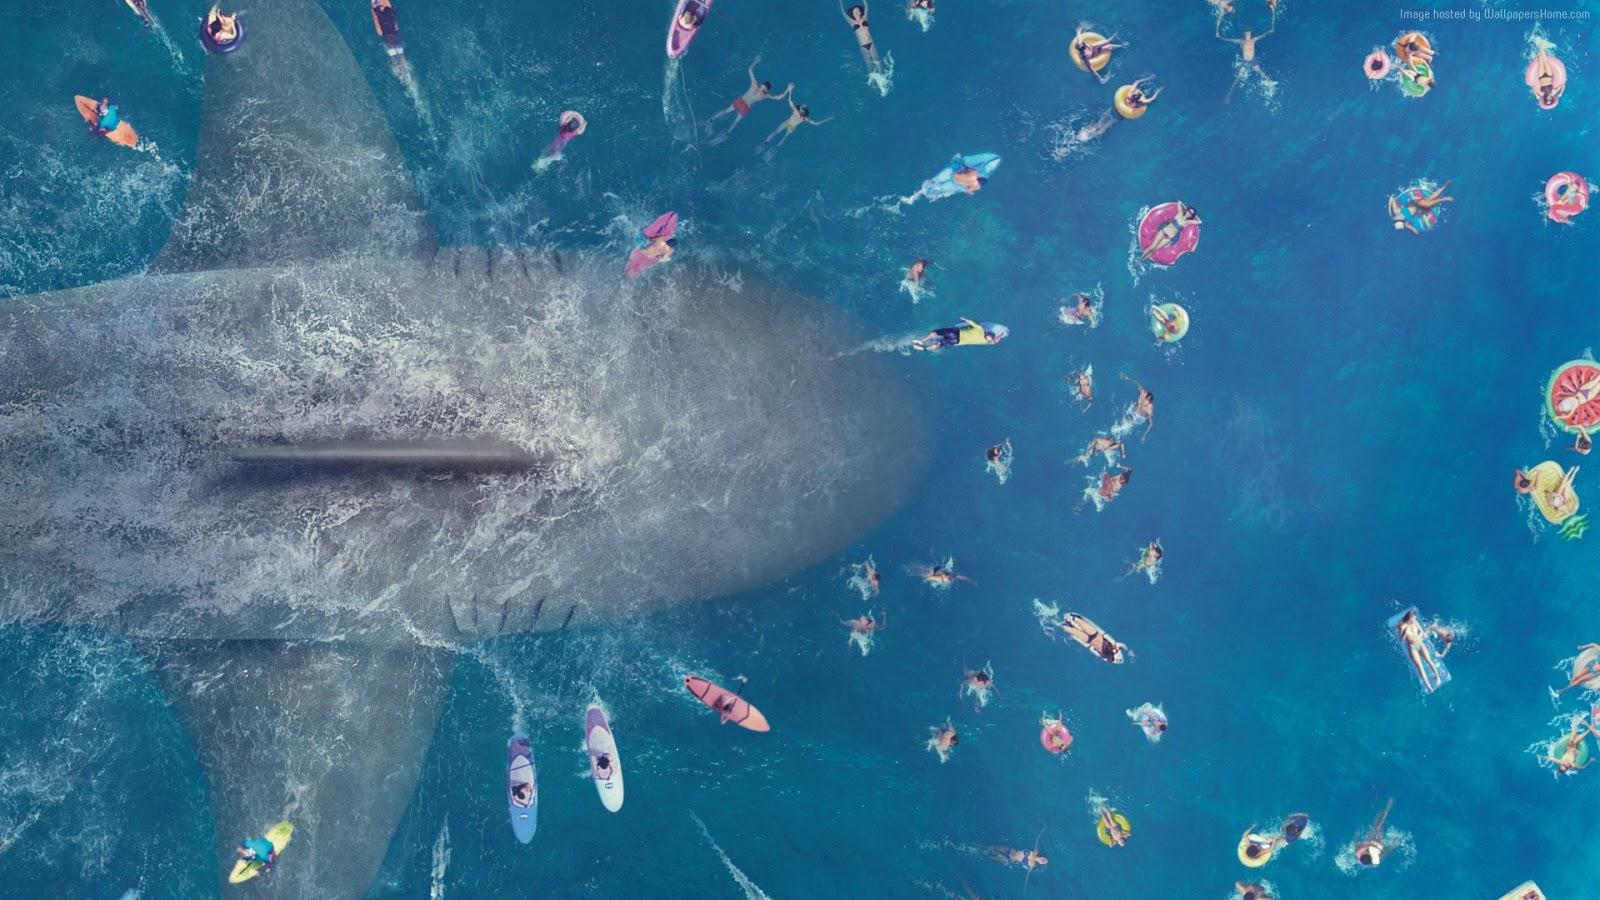 Secuela de The Meg en primeras etapas de desarrollo en Warner Bros